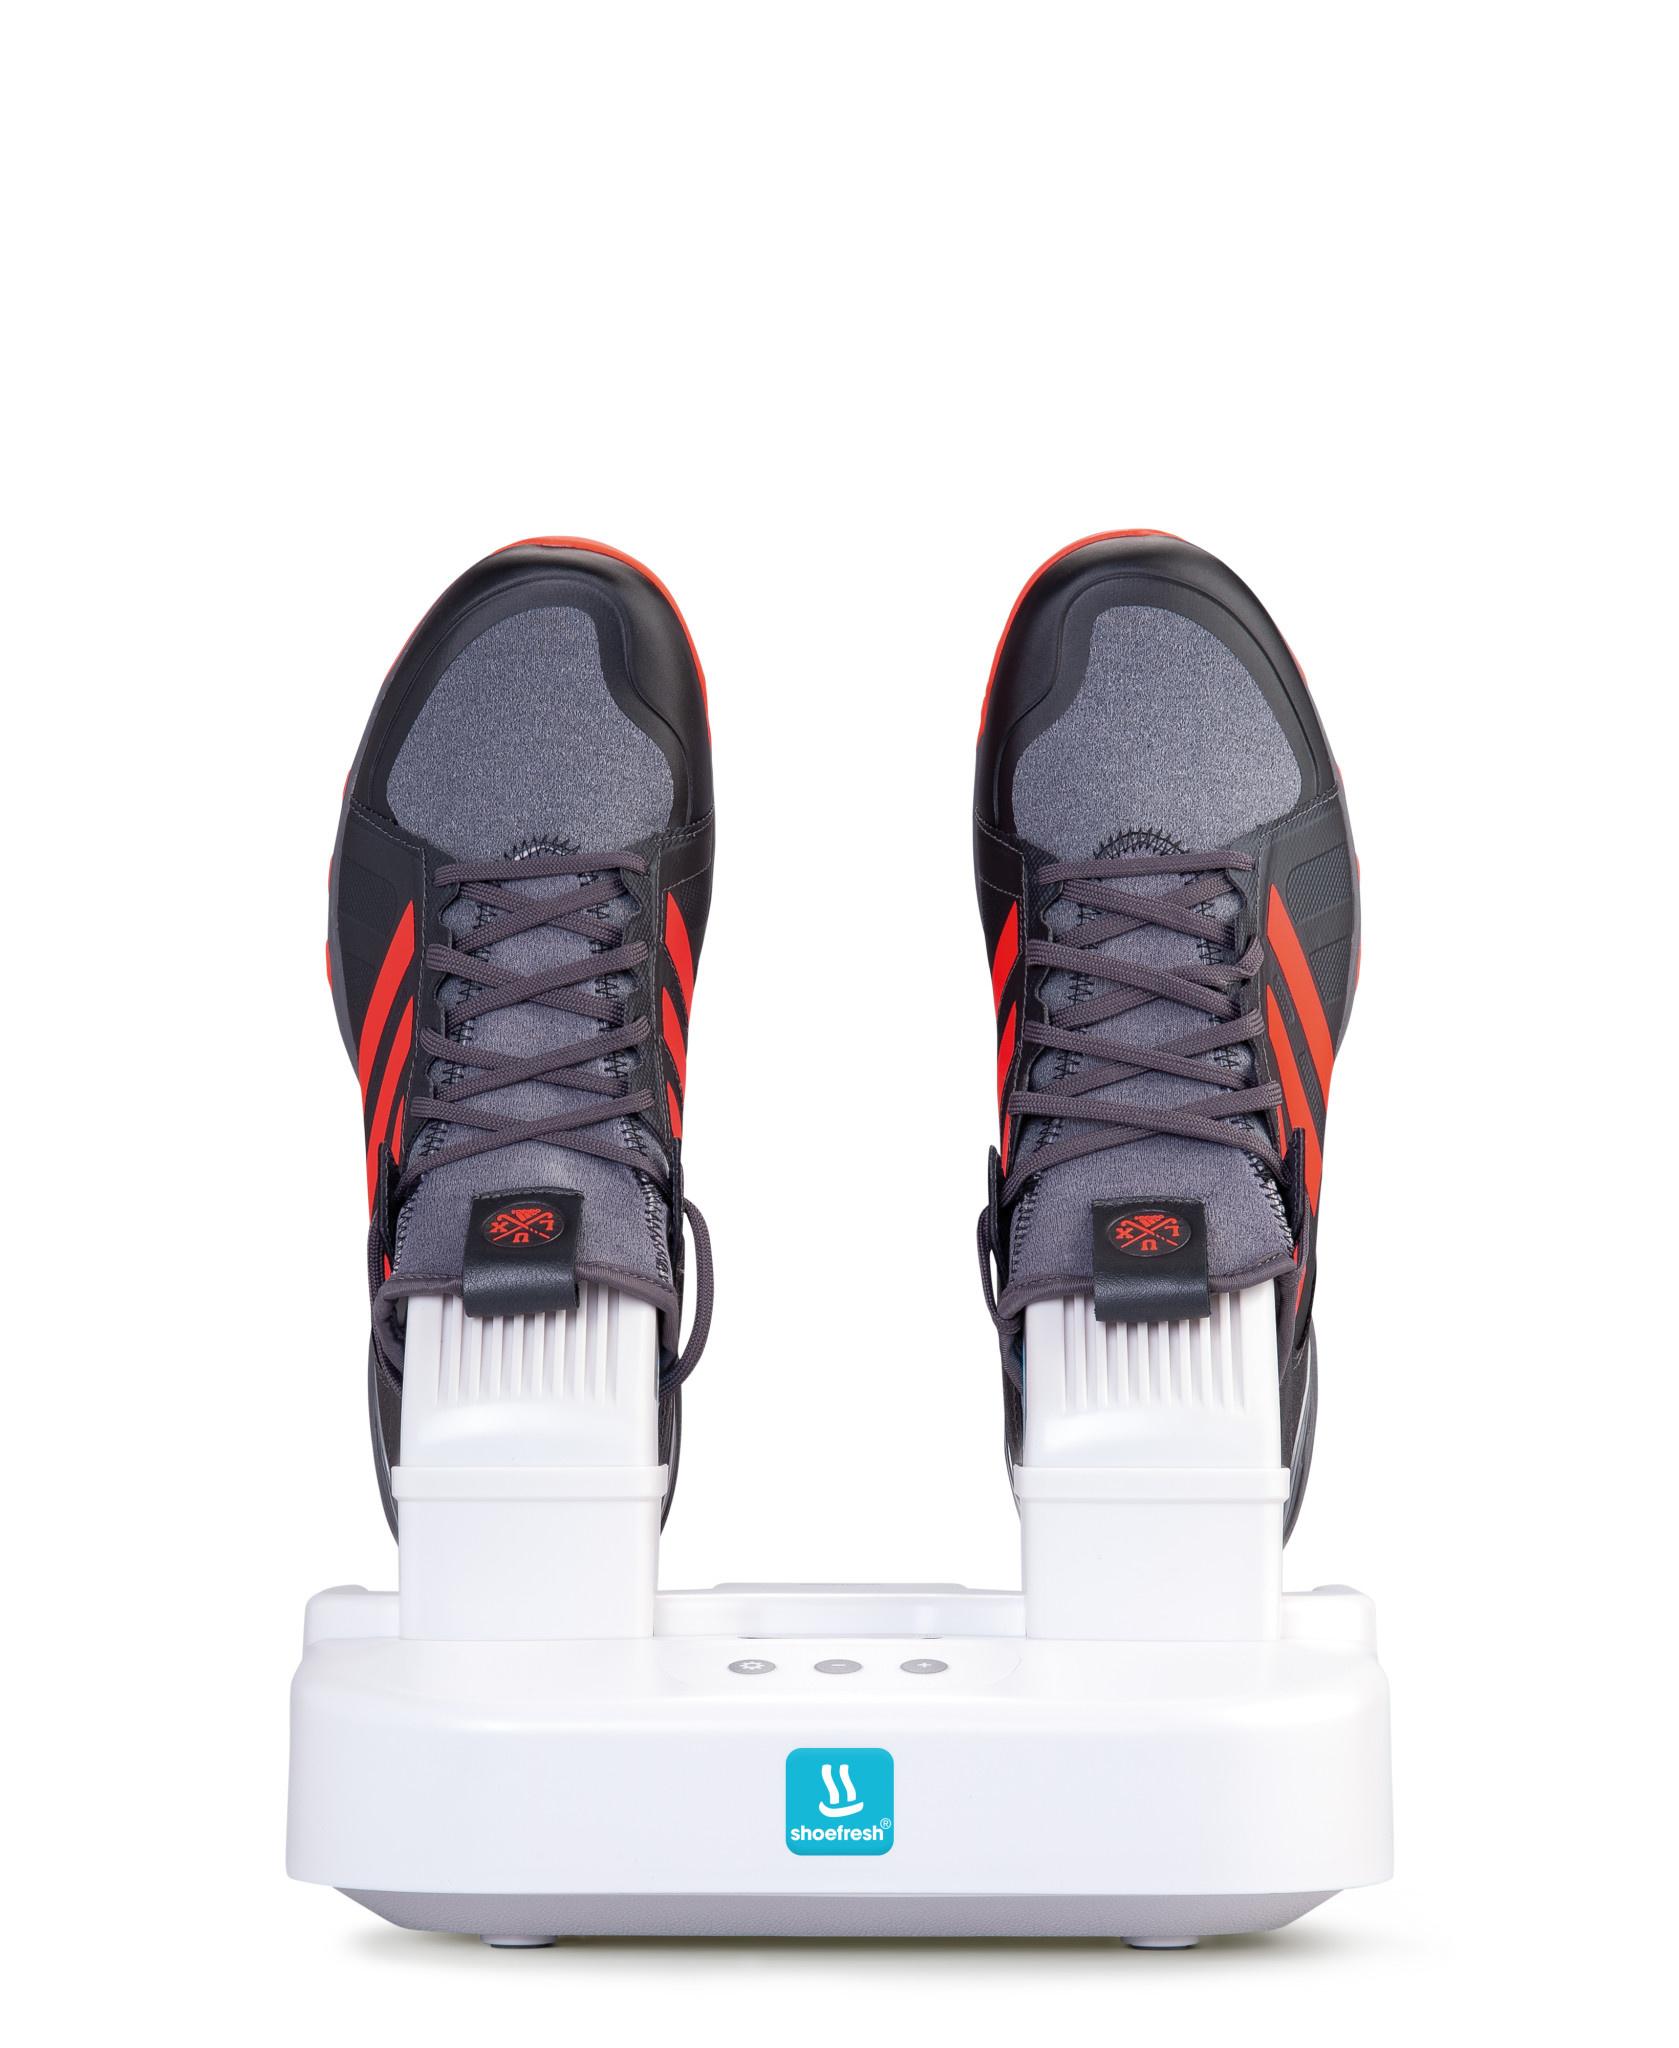 van wezel schoenen 6 5 gea